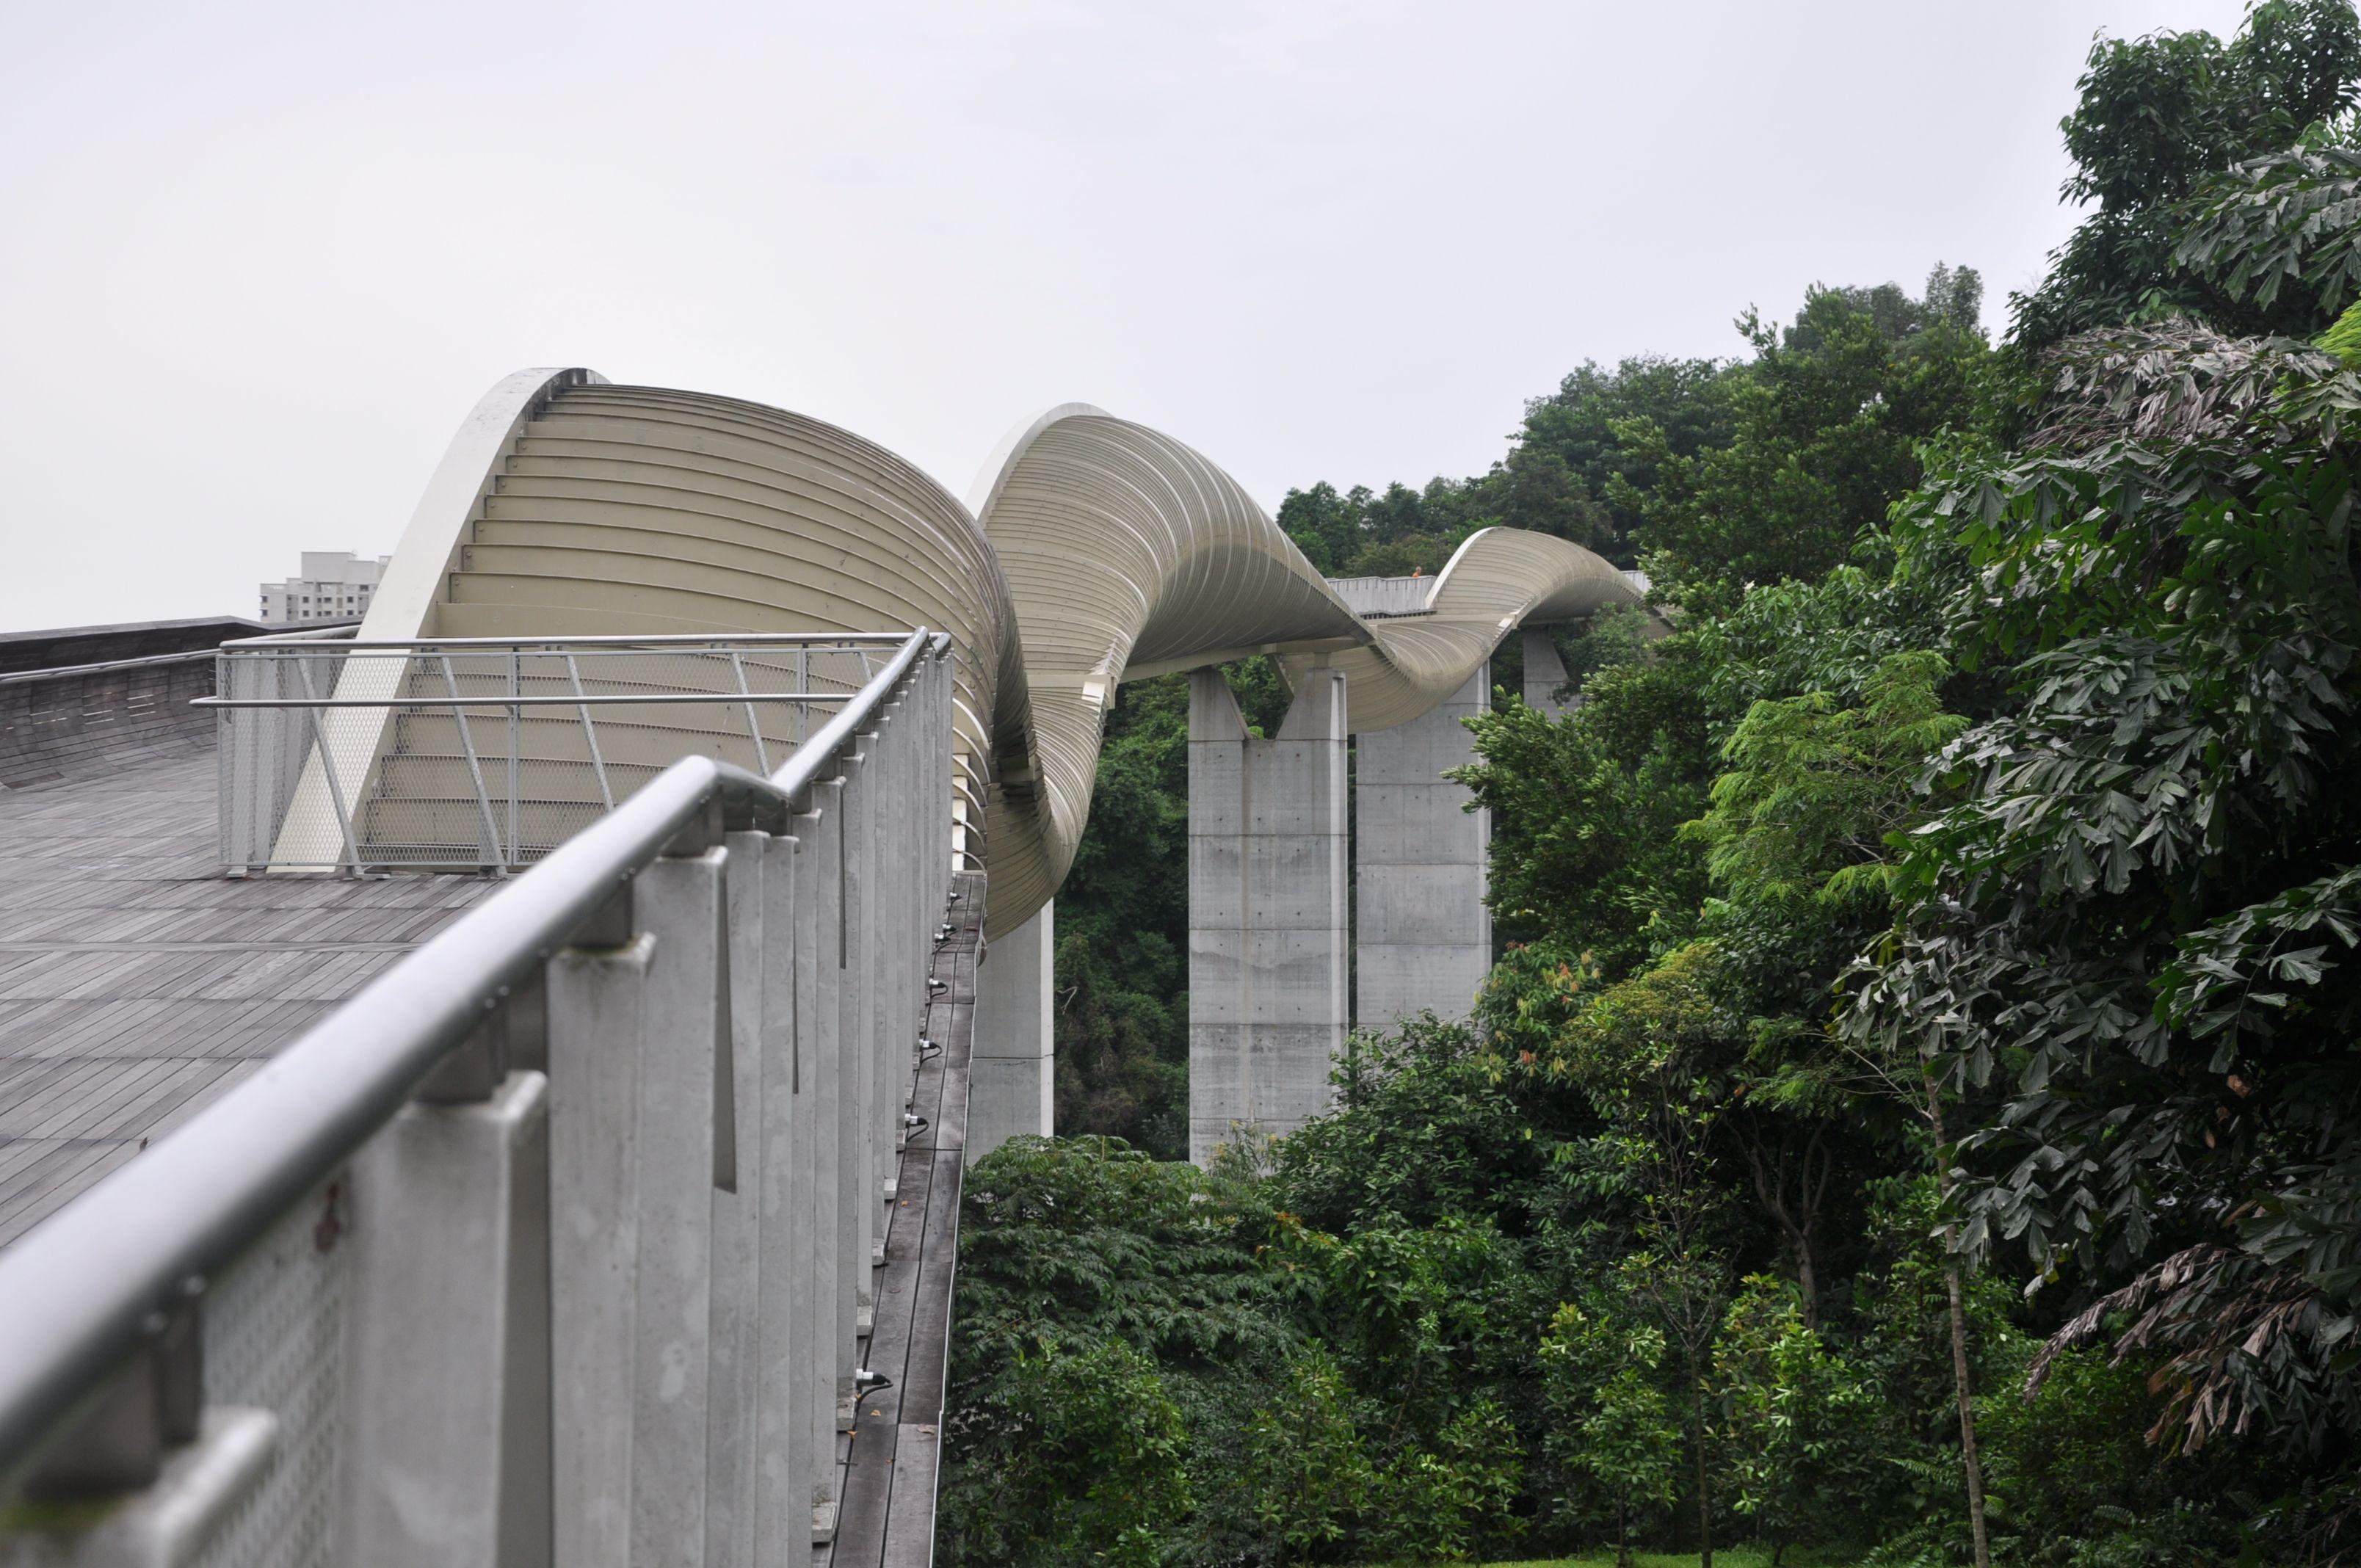 Abri De Jardin Ghibli Shaf > Les 25 Meilleures Images Du Tableau Beautiful Bridge Henderson